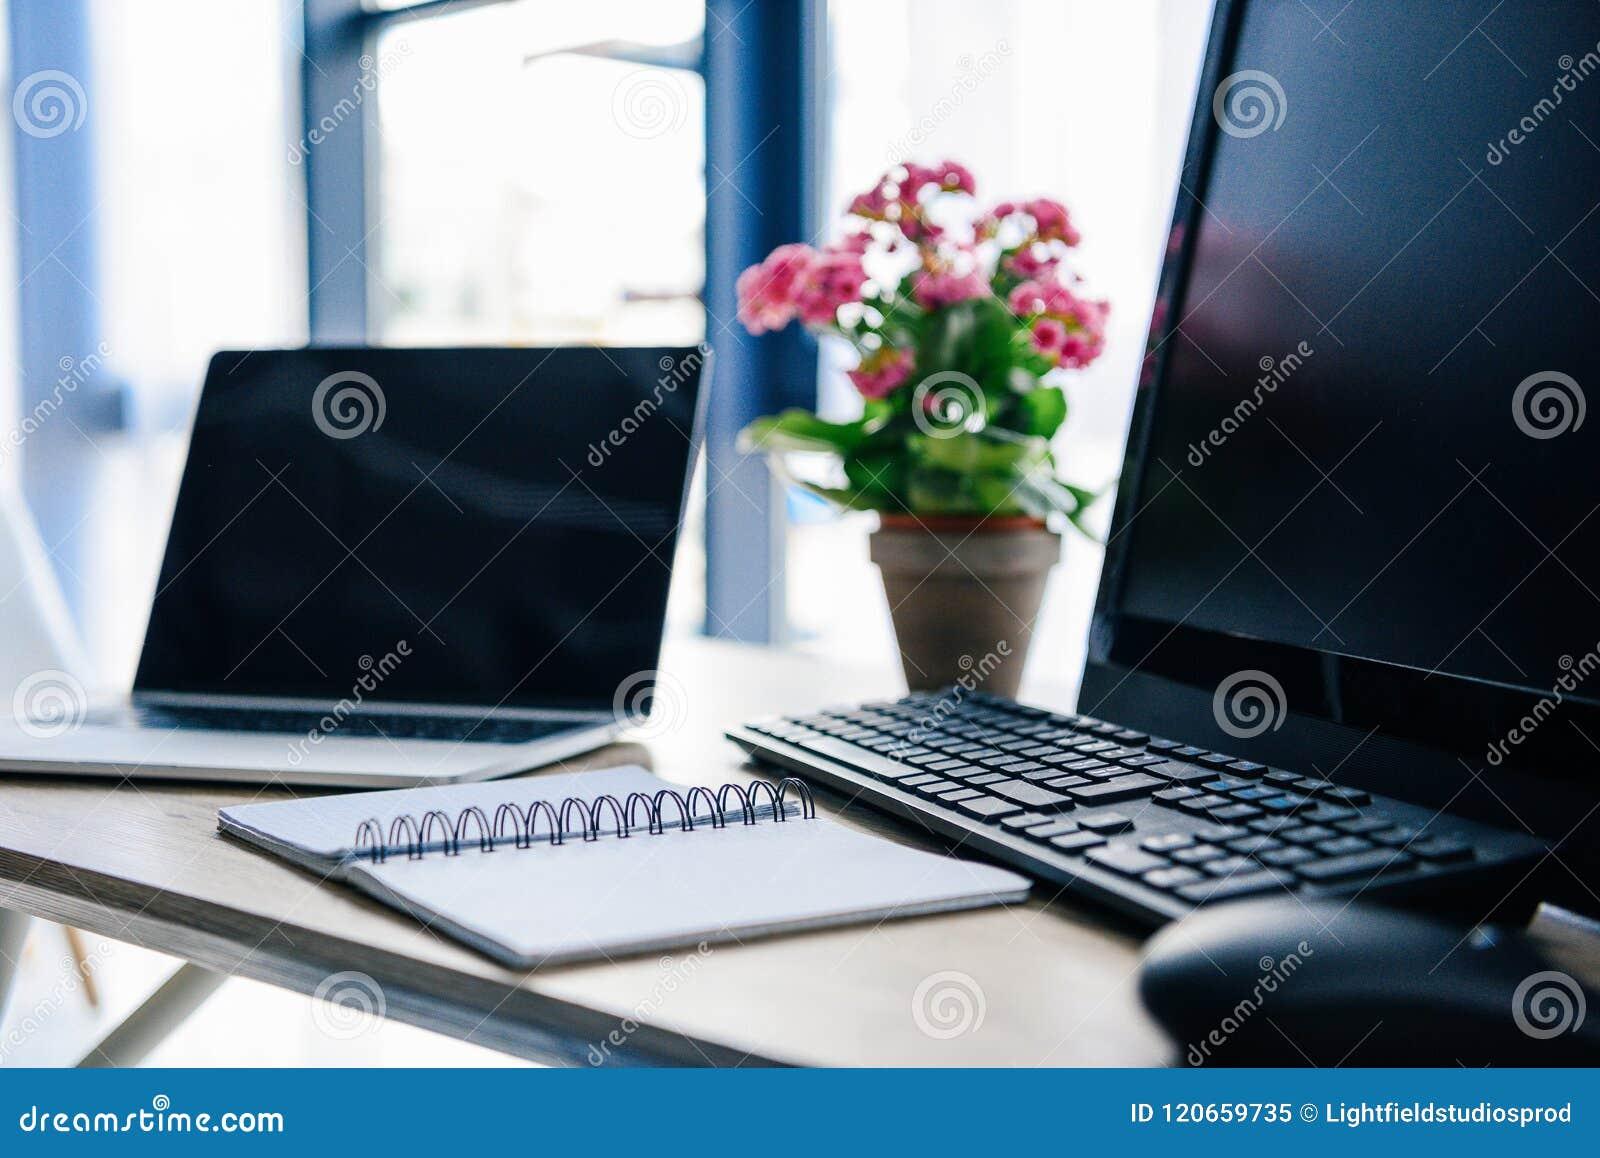 Sluit omhoog mening van leeg handboek, laptop, bloemen in pot, computer, computertoetsenbord en computermuis